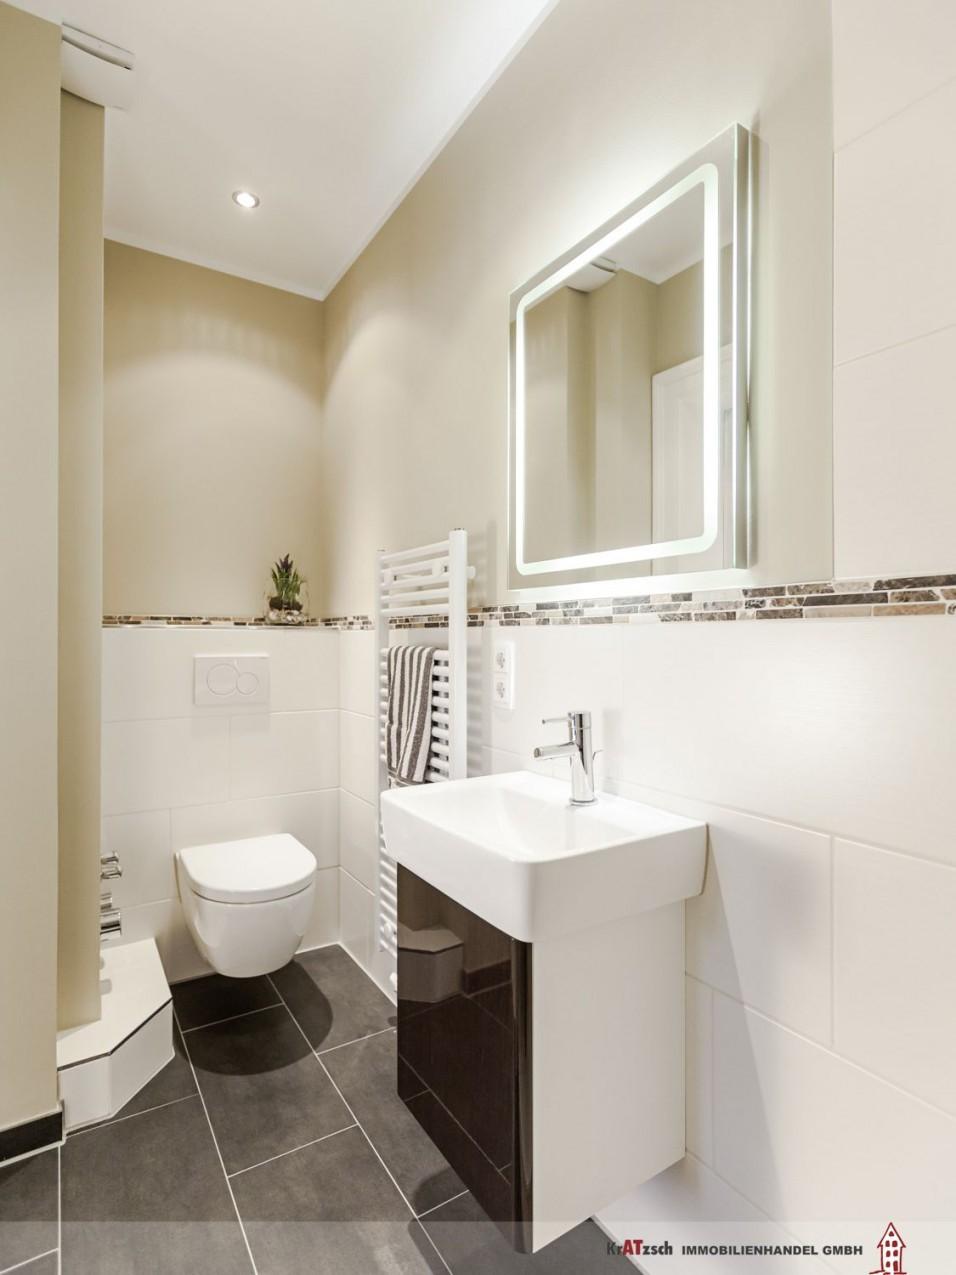 Klare Linien Im Gästebad Mit Dusche Wc Und von Ideen Für Badezimmer Fliesen Bild